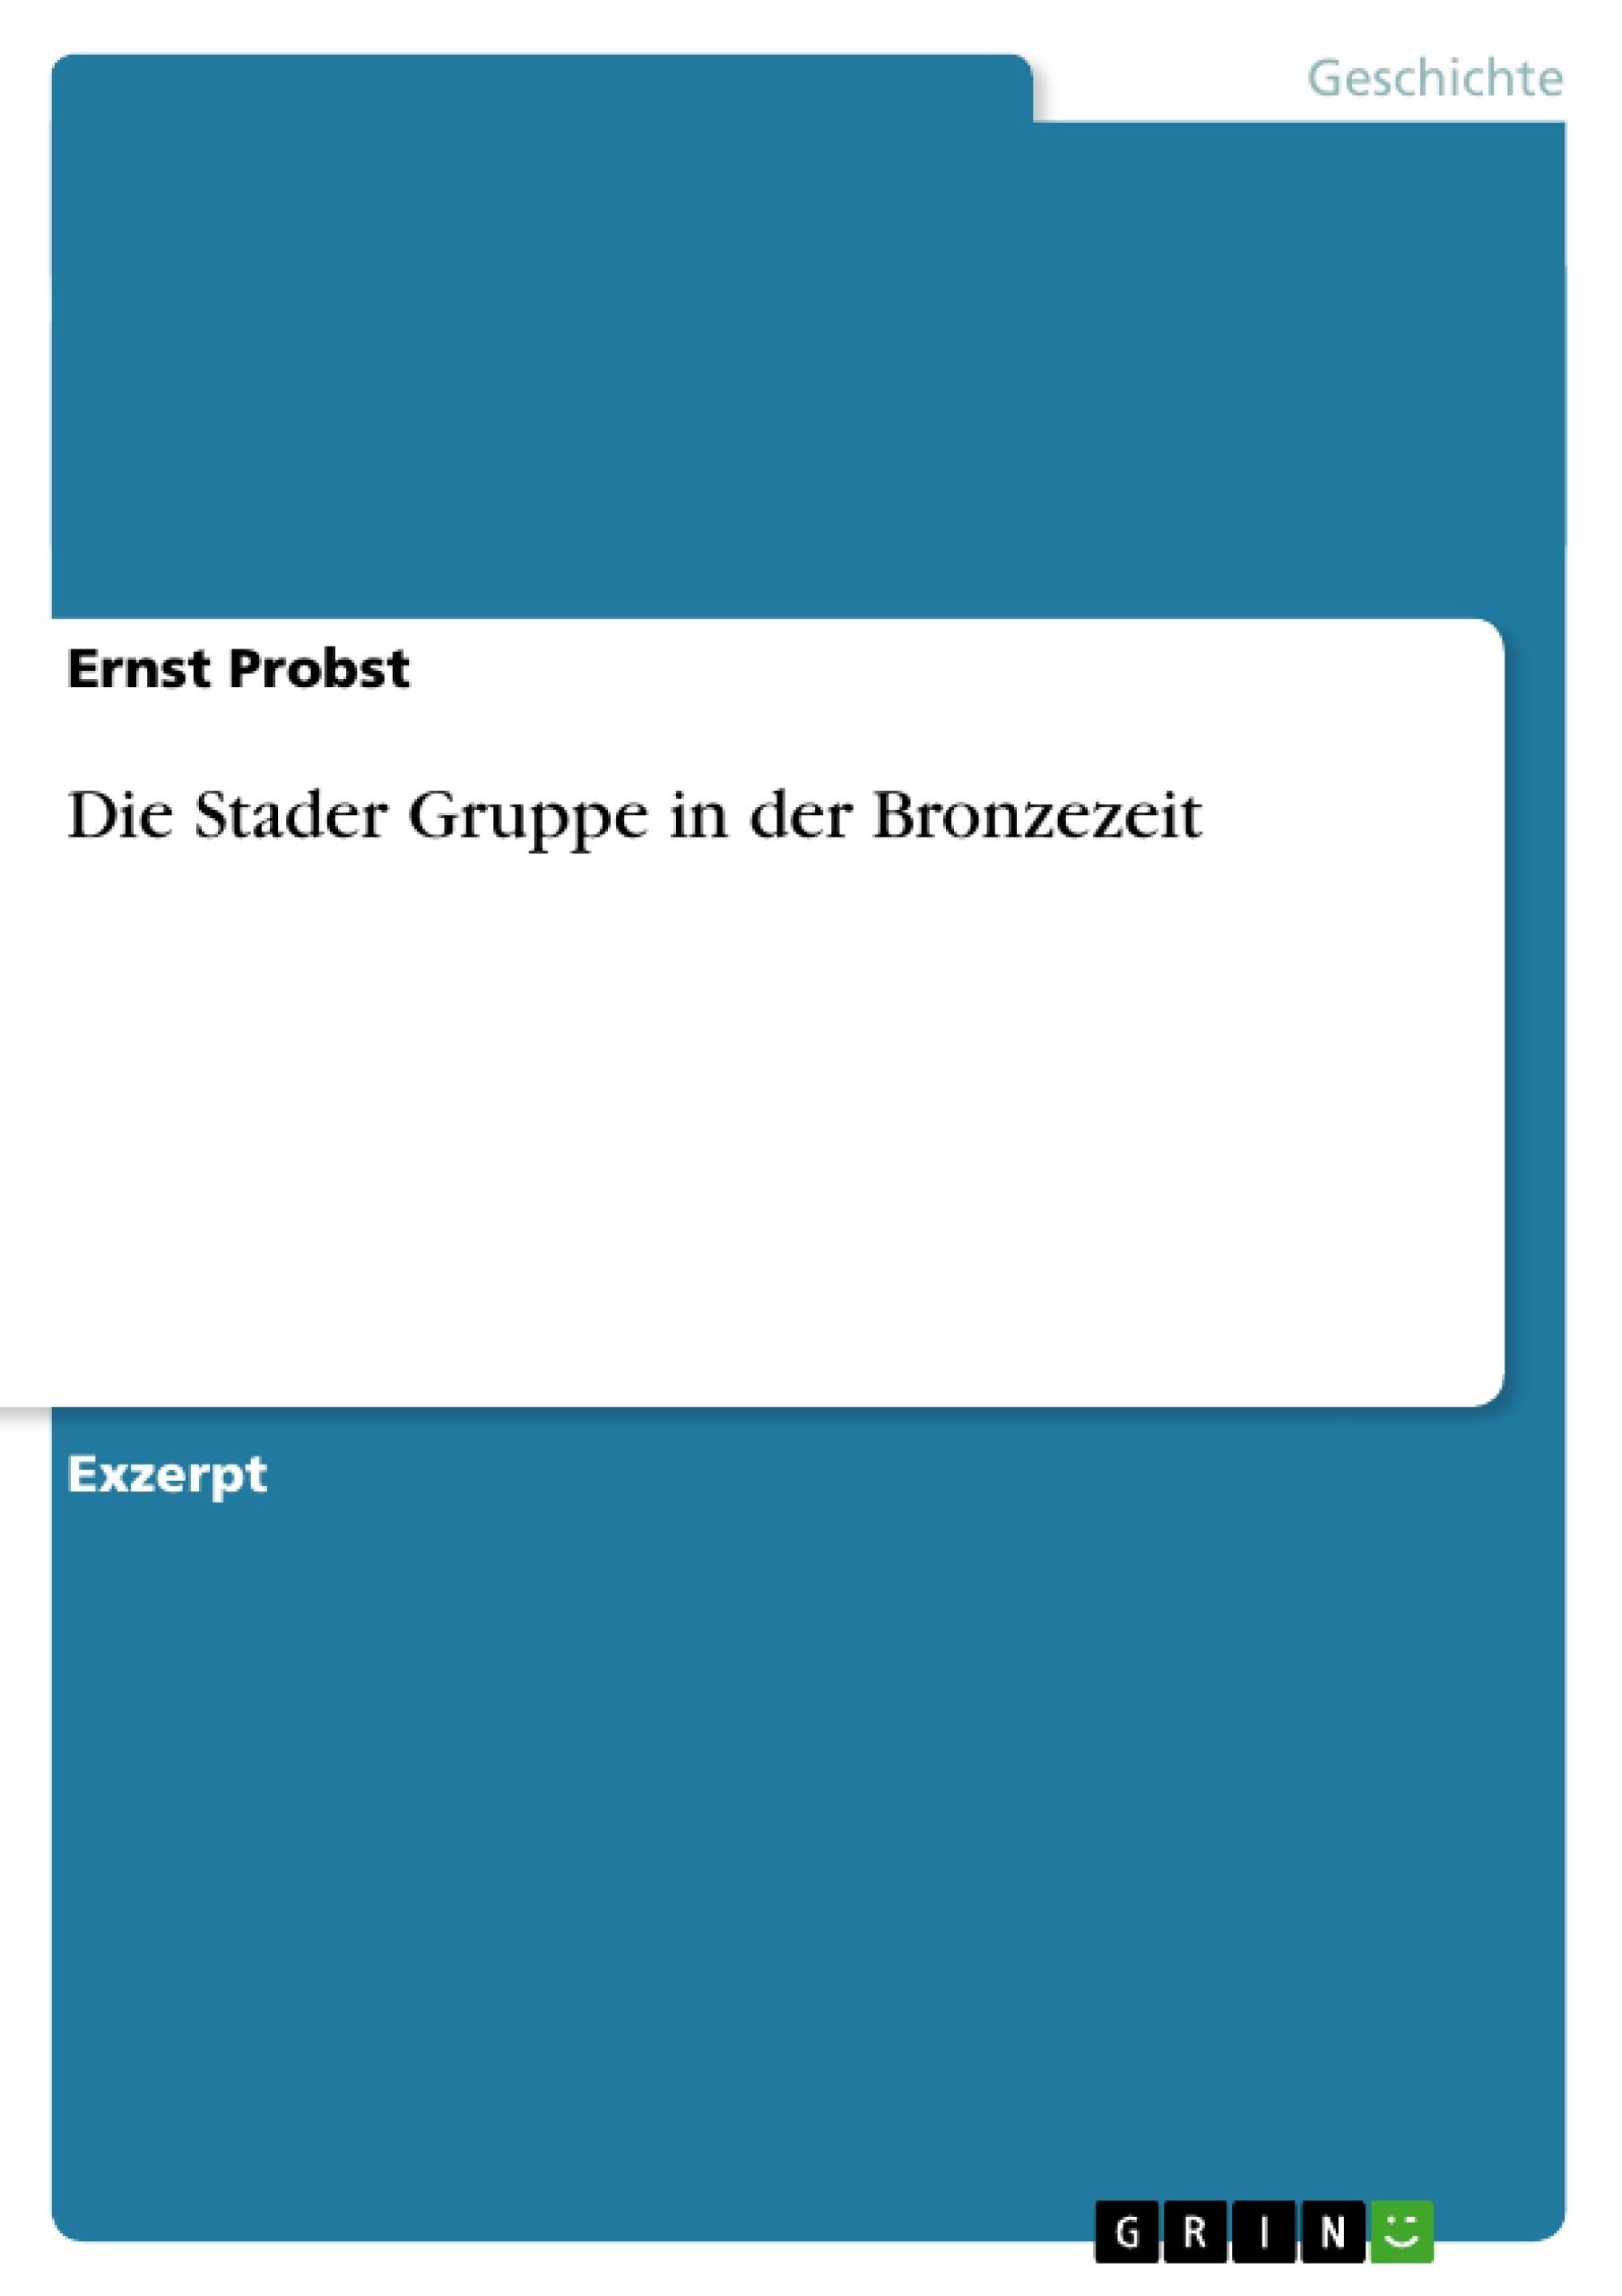 Titel: Die Stader Gruppe in der Bronzezeit